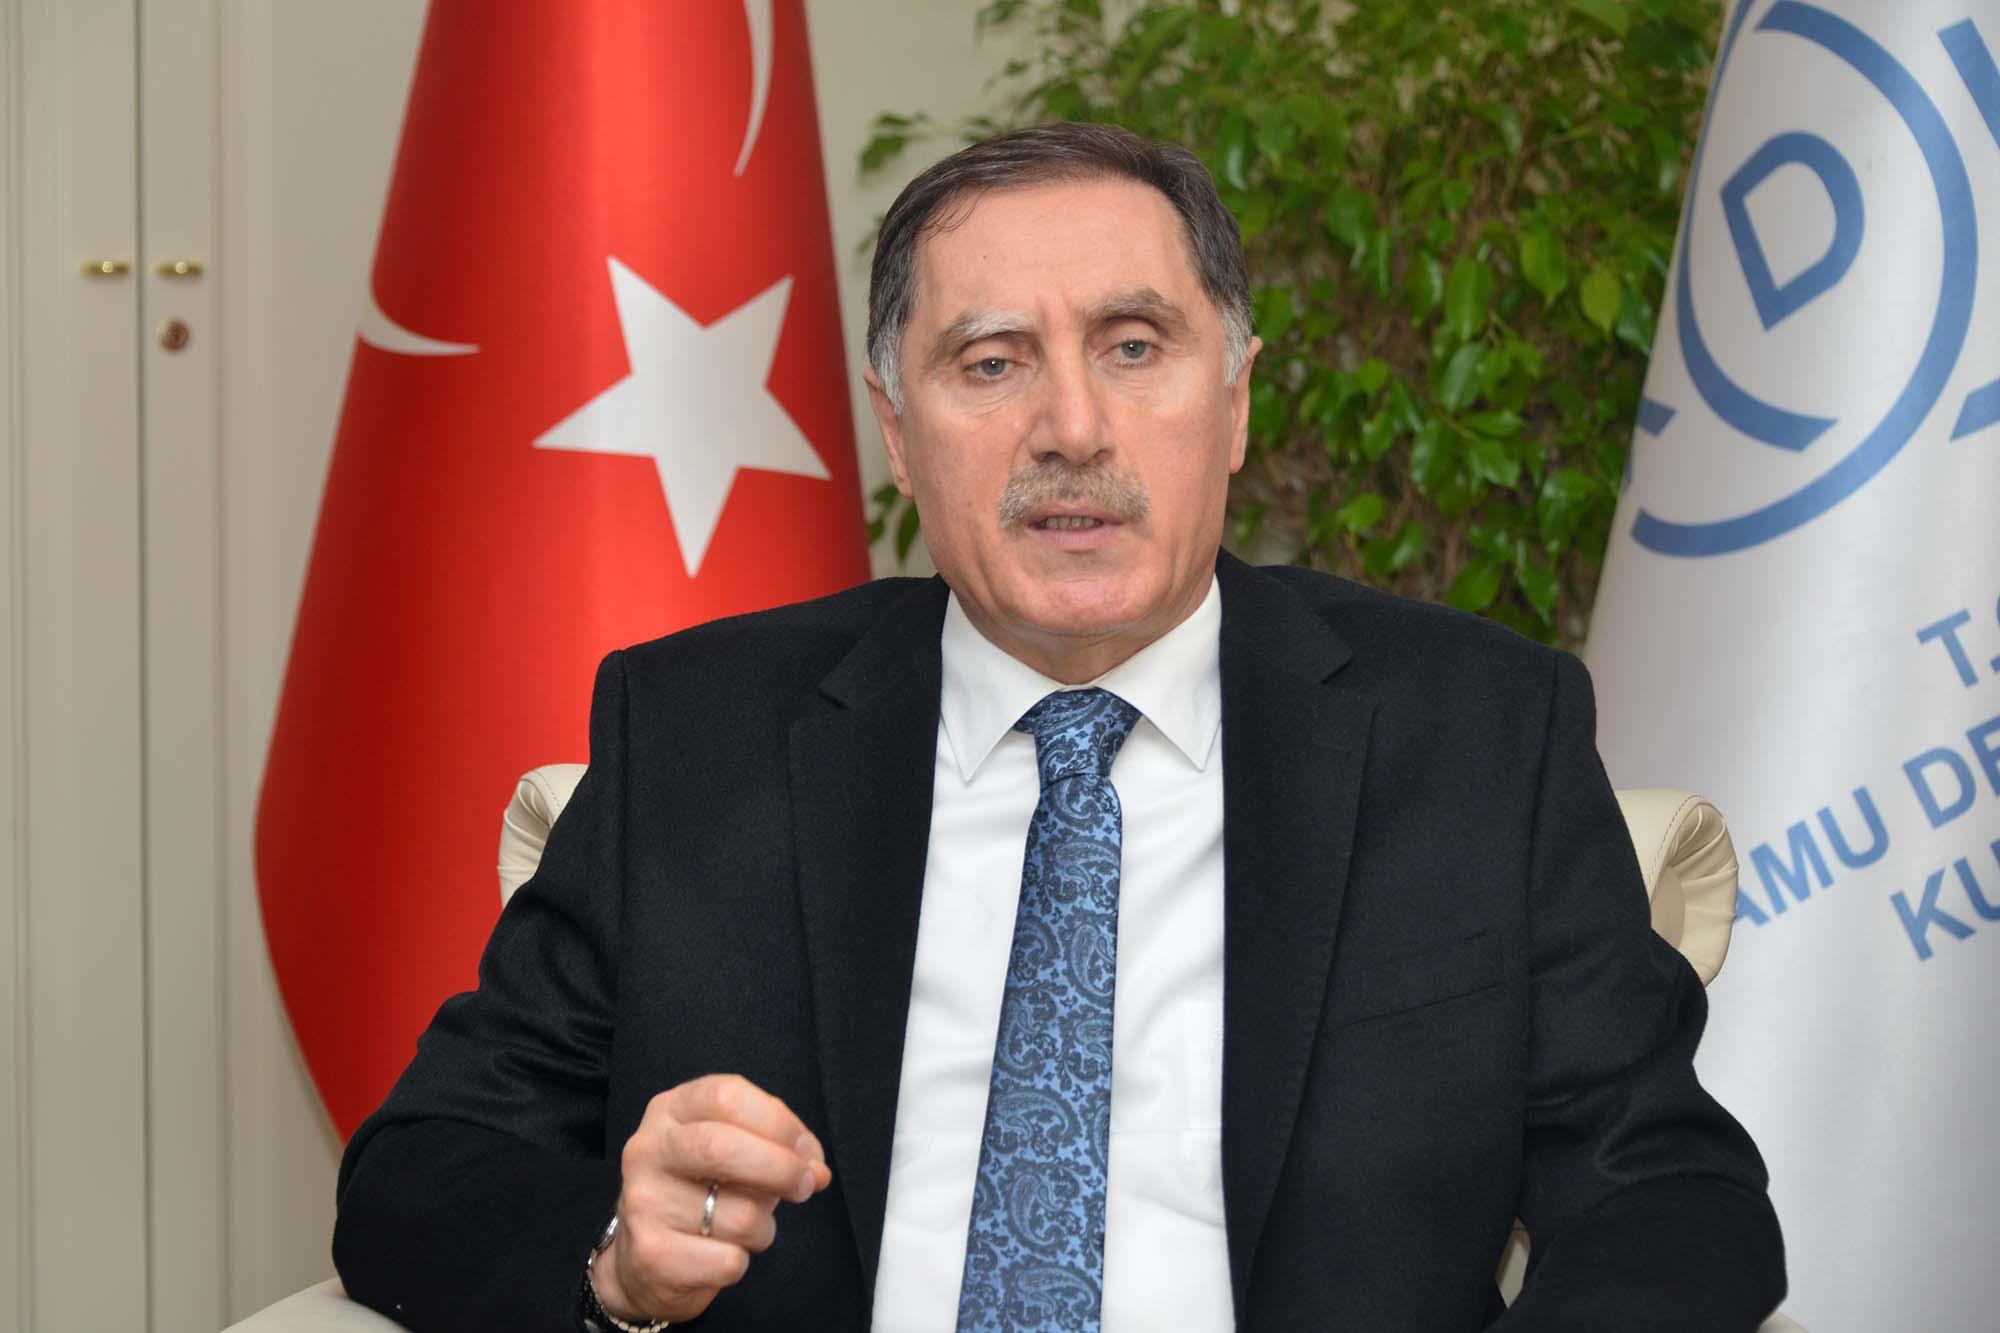 ورود 2500 آمریکایی به اسرائیل برای برگزاری رزمایش مشترک/ دلایل برکناری فرماندهان ارشد سعودی/ سفر رئیس سازمان بازرسی ترکیه به ایران/ موافقت گروه های تروریستی برای خروج از غوطه شرقی سوریه